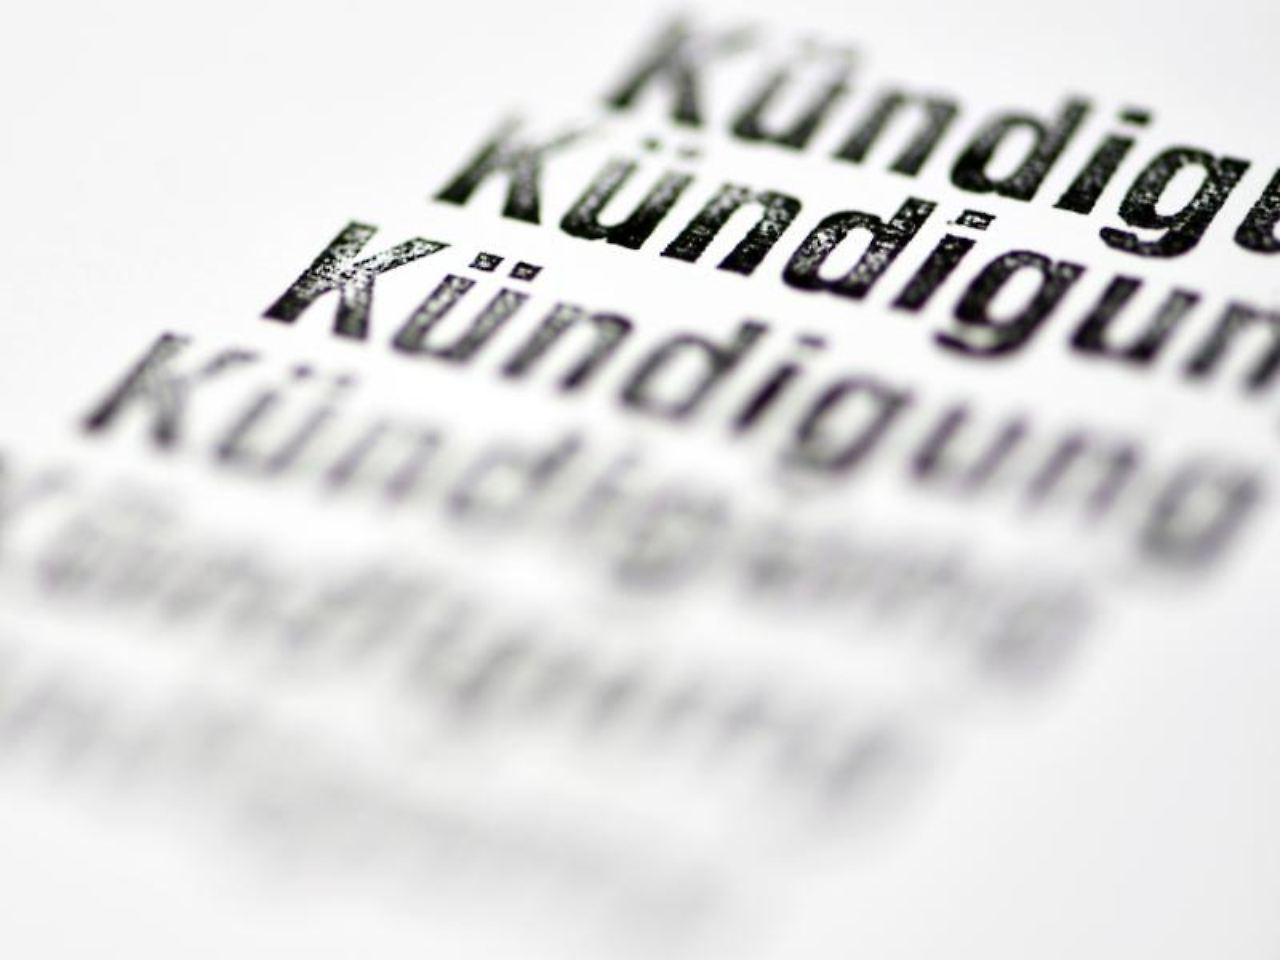 Vertraglich vereinbart: Überstunden verweigert - Kündigung? - n-tv.de